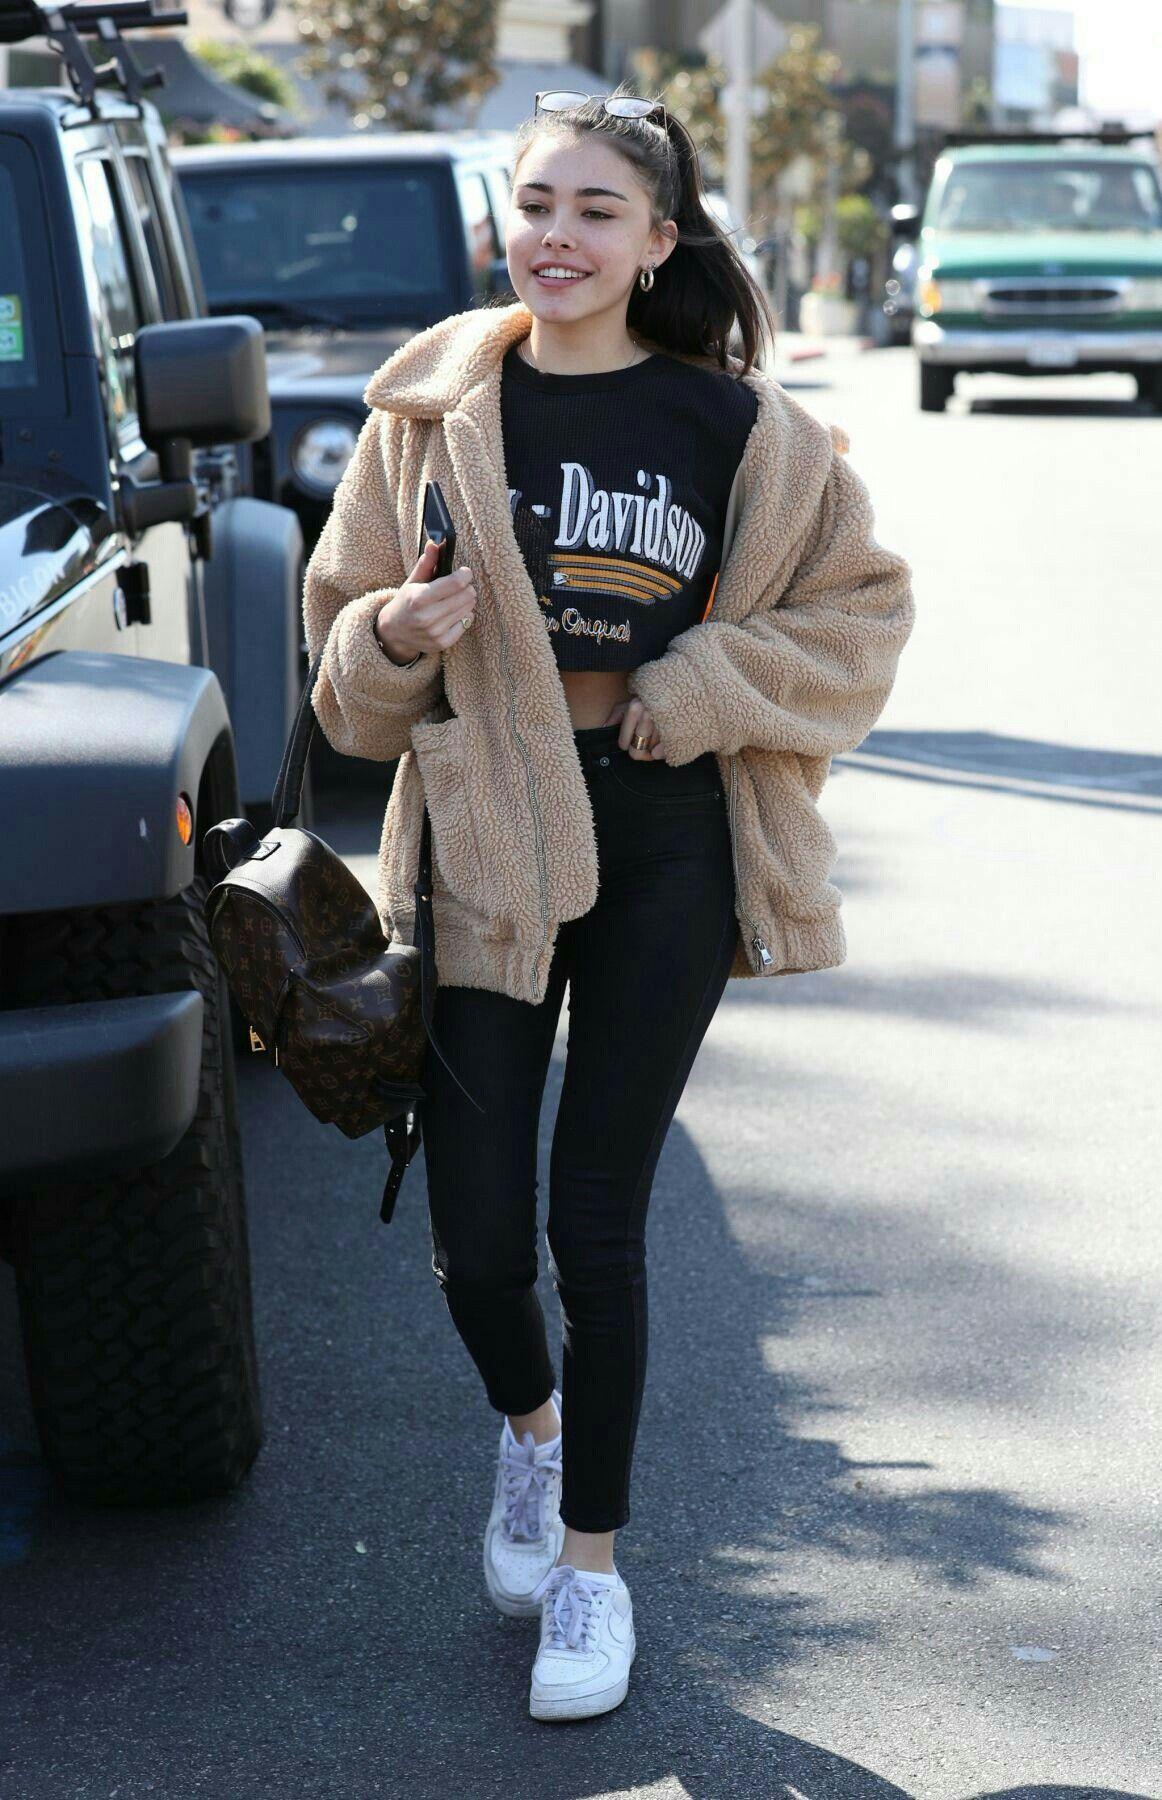 Winter: Oversized jacket, t shirt, leggings, sneakers, hoop